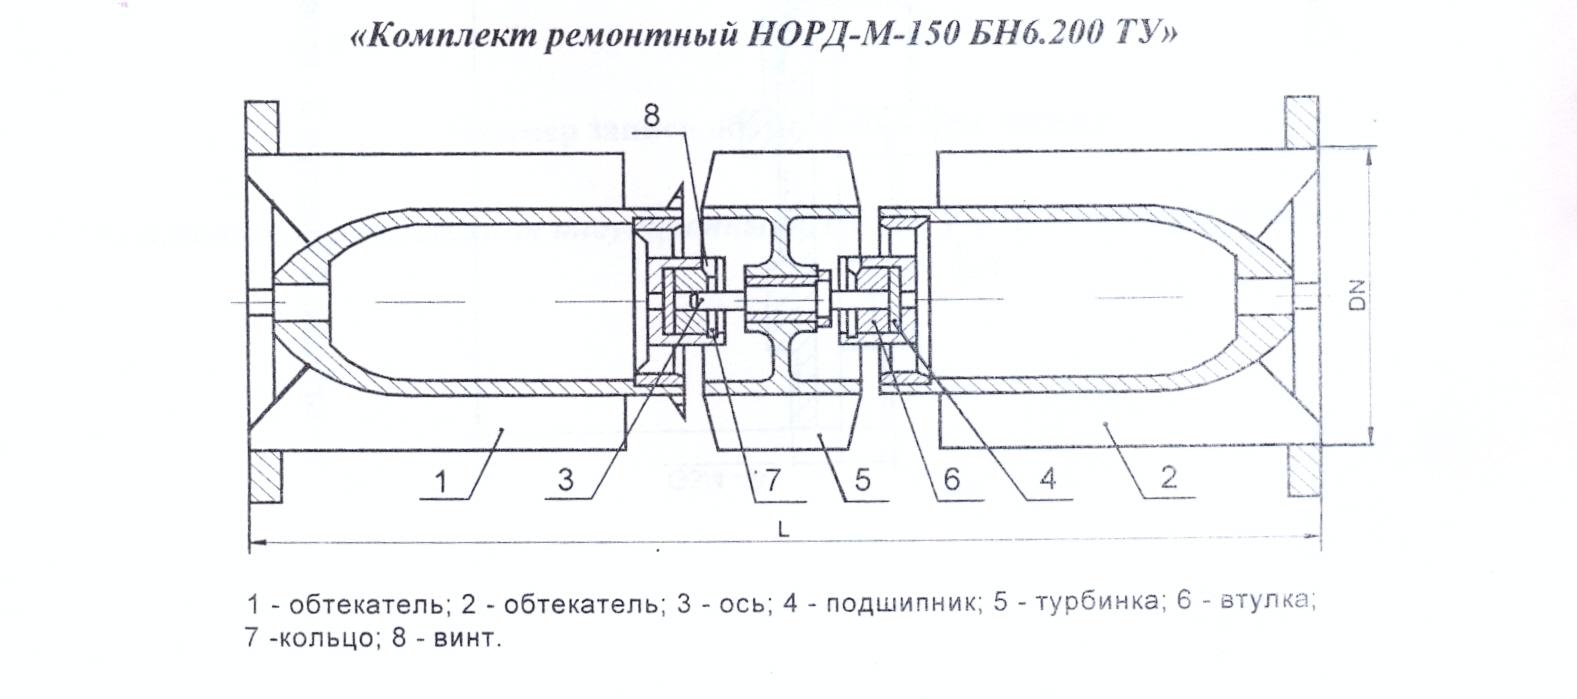 http://pp66.ru/uploadedFiles/files/urknord0001.jpg